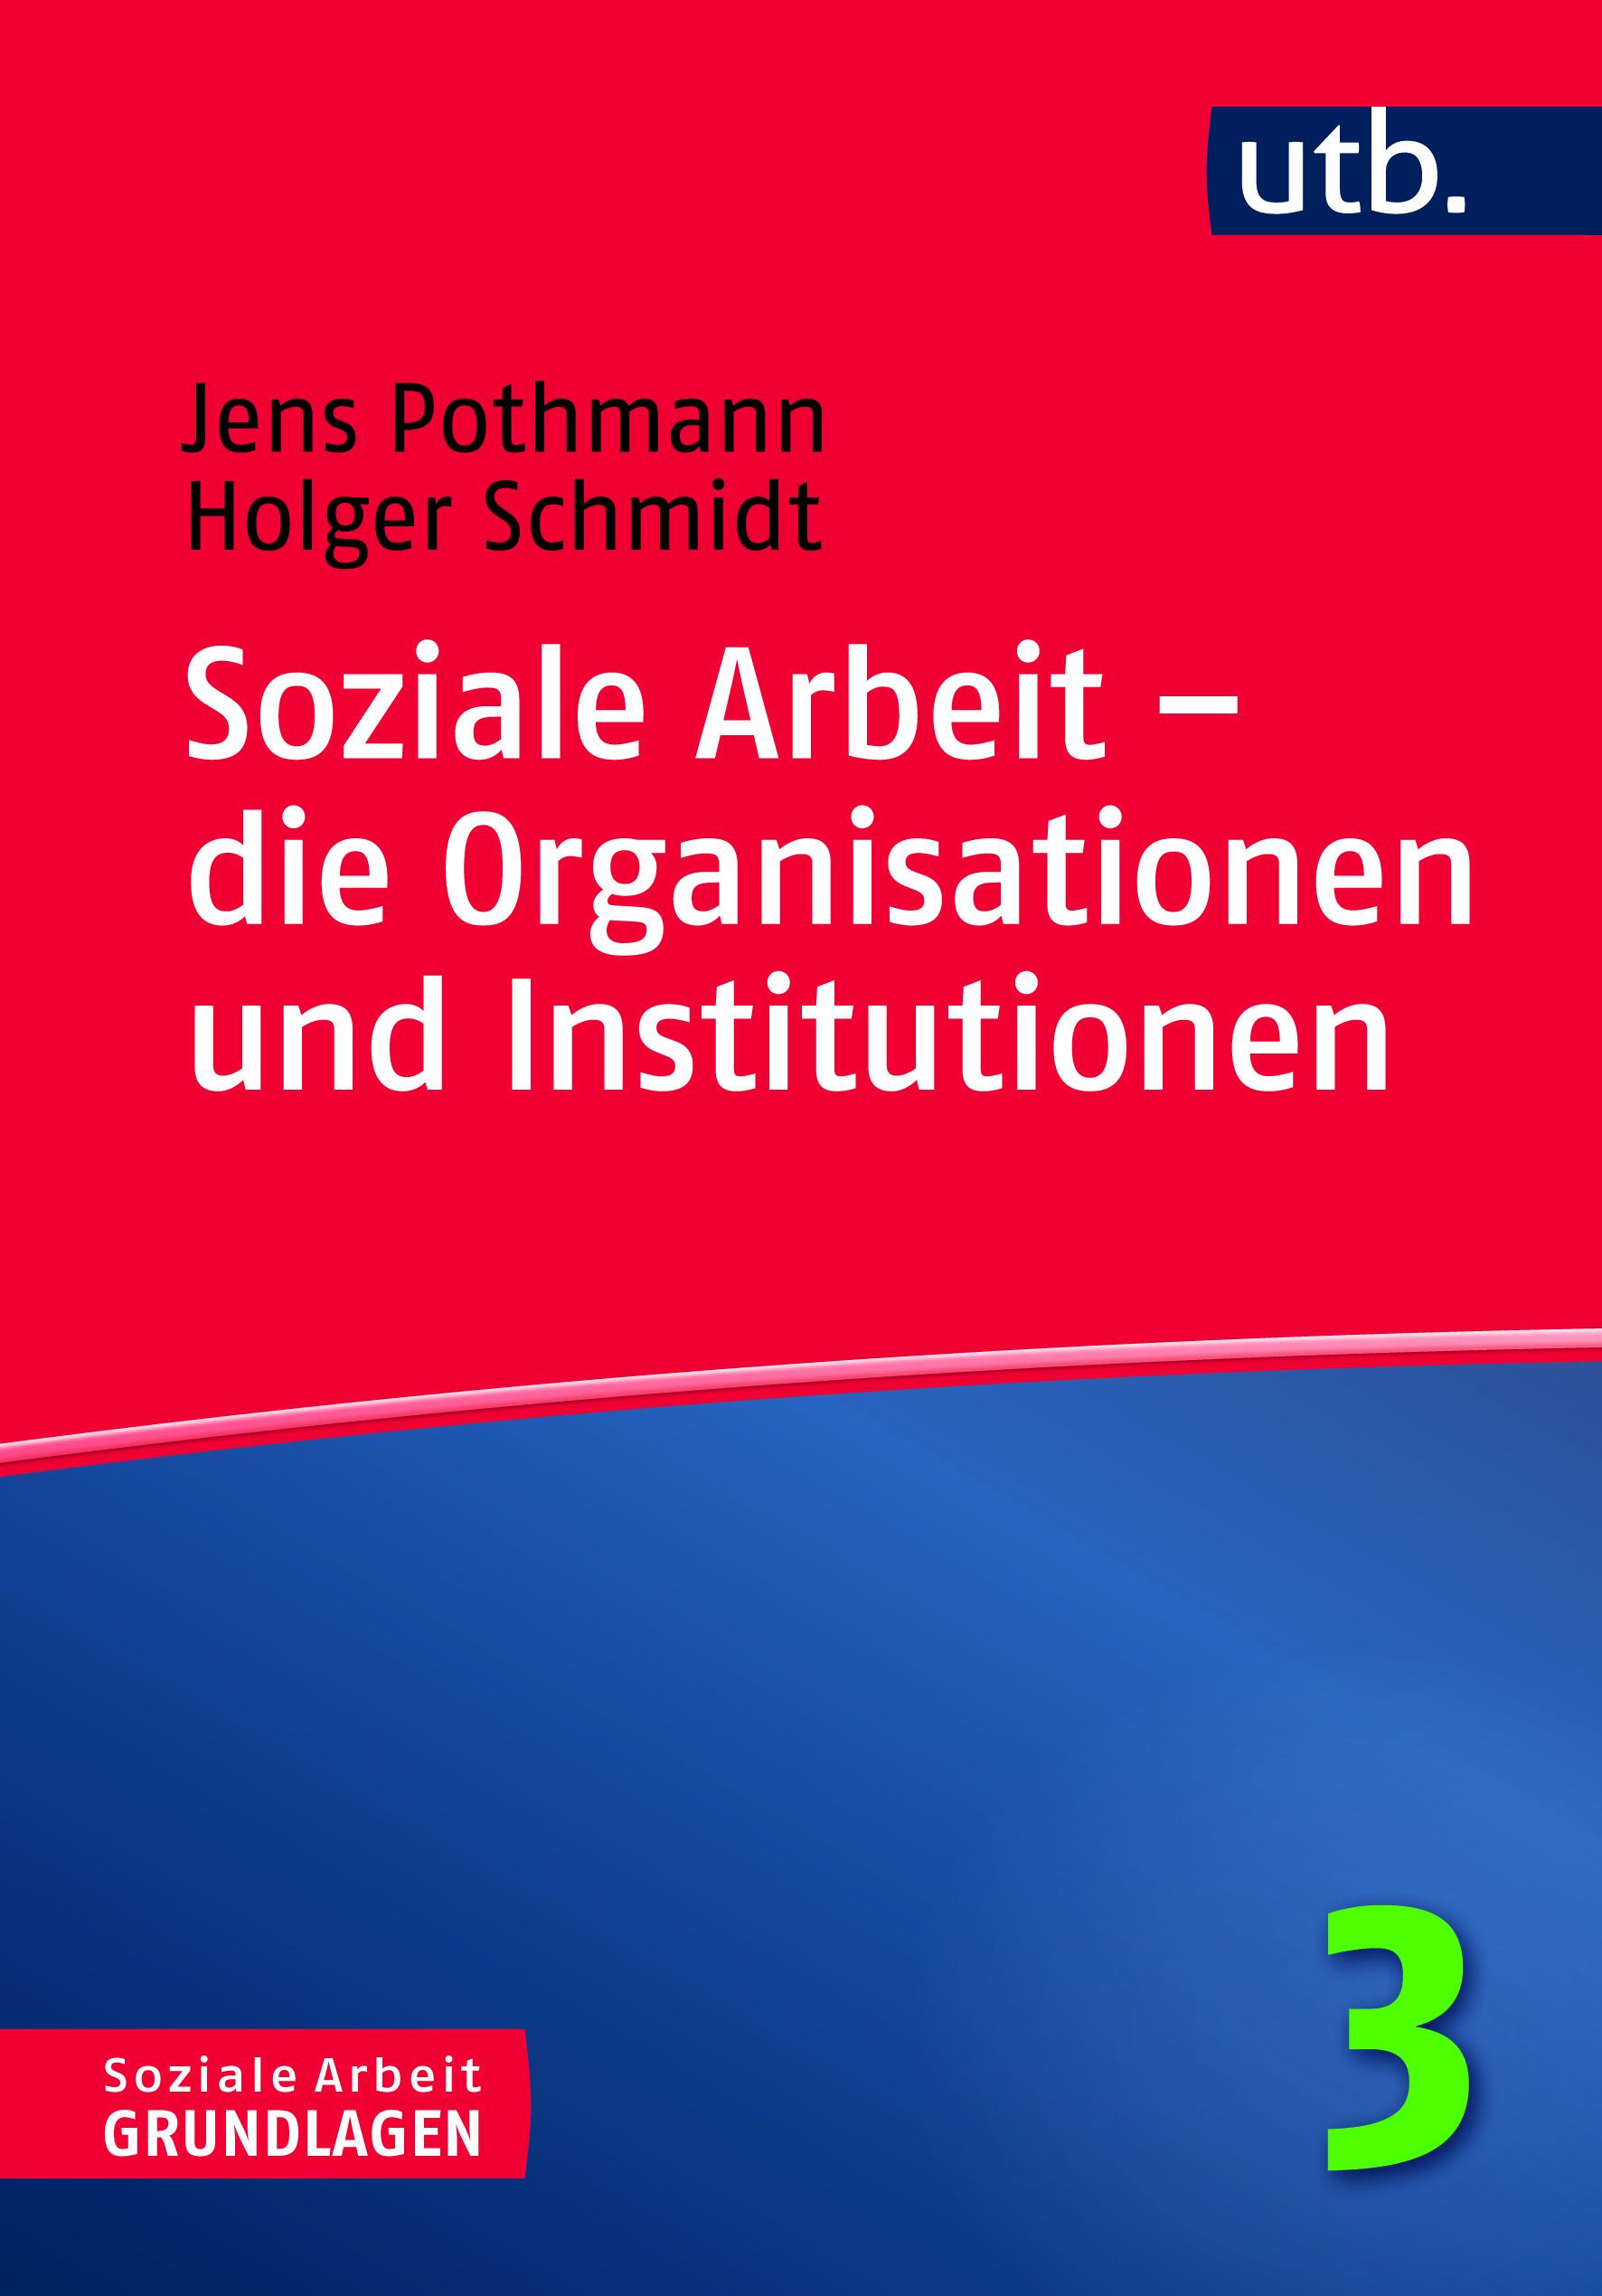 Soziale Arbeit - die Organisationen und Institutionen